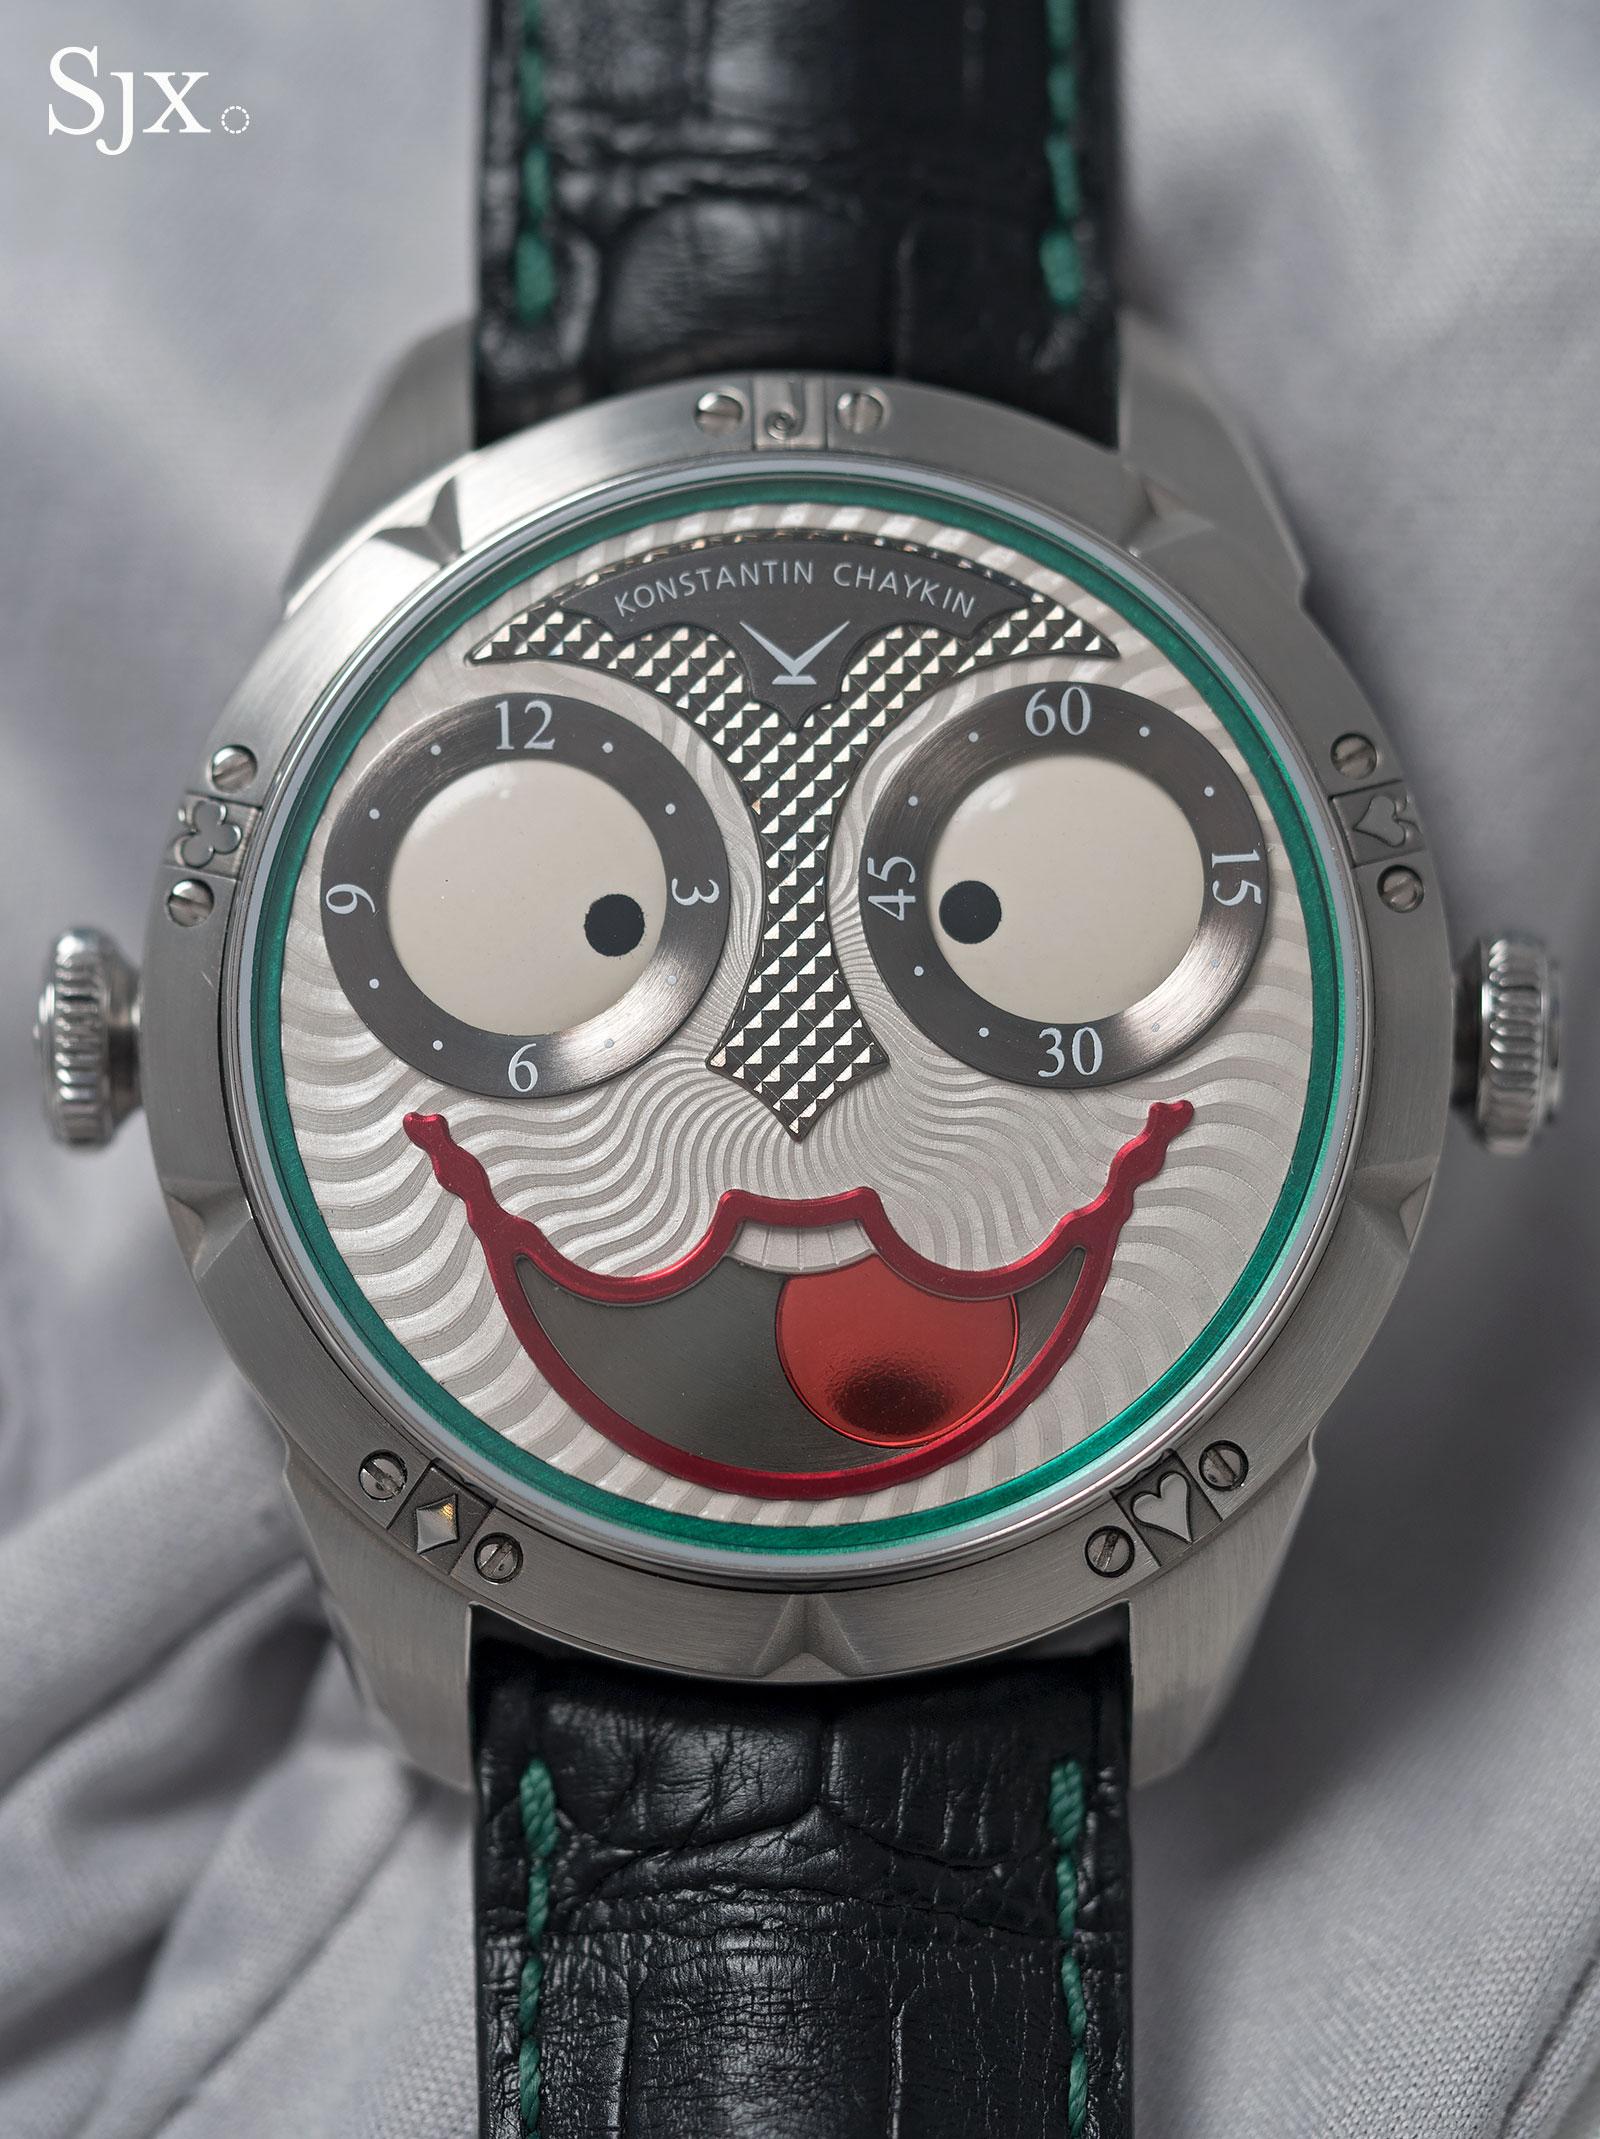 Konstantin Chaykin Joker wristwatch 11